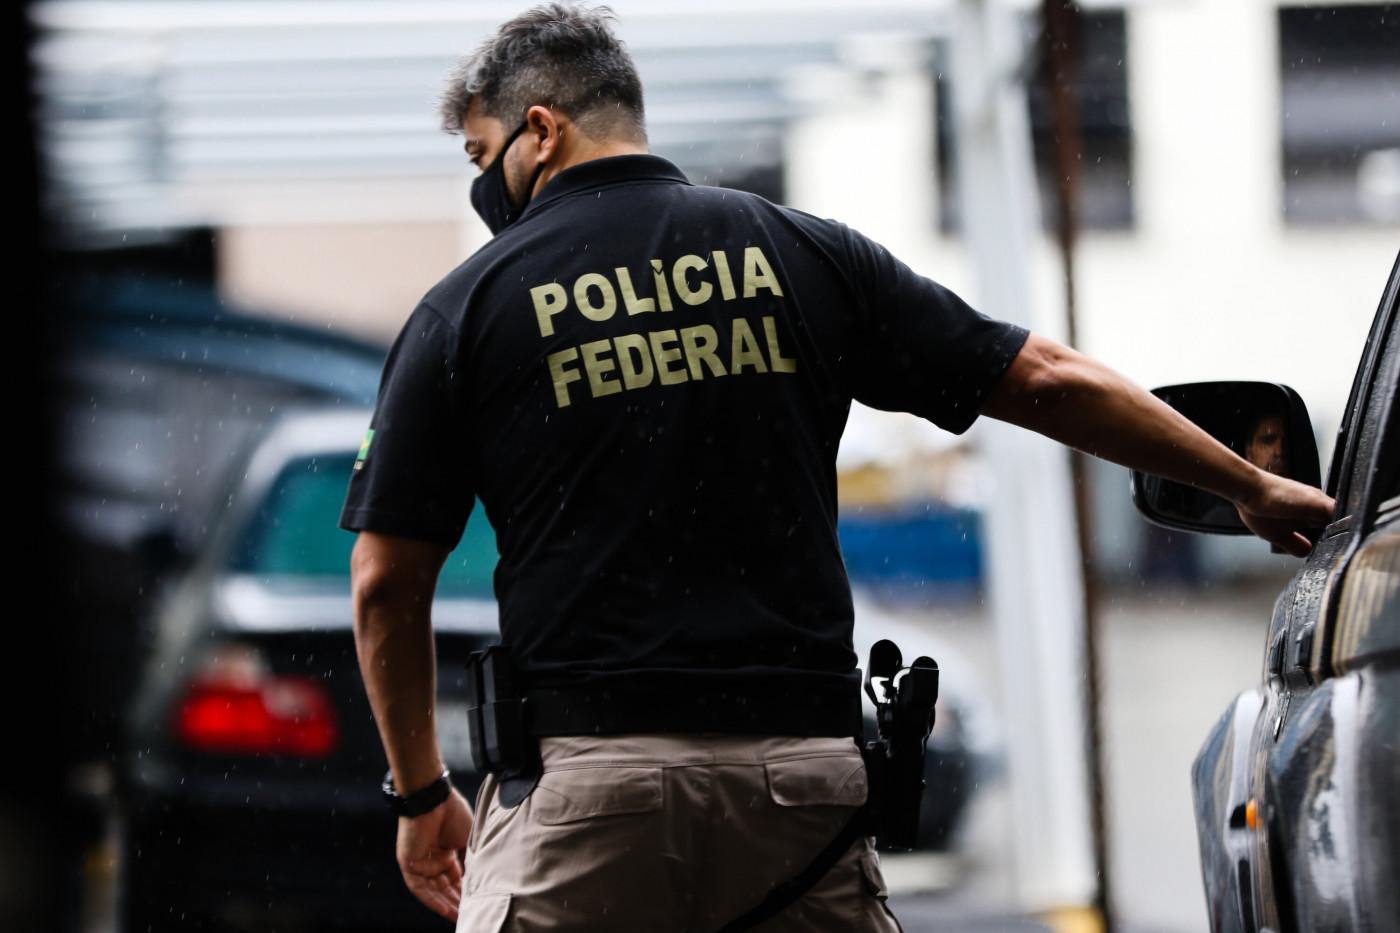 Policial Federal de costas durante operação